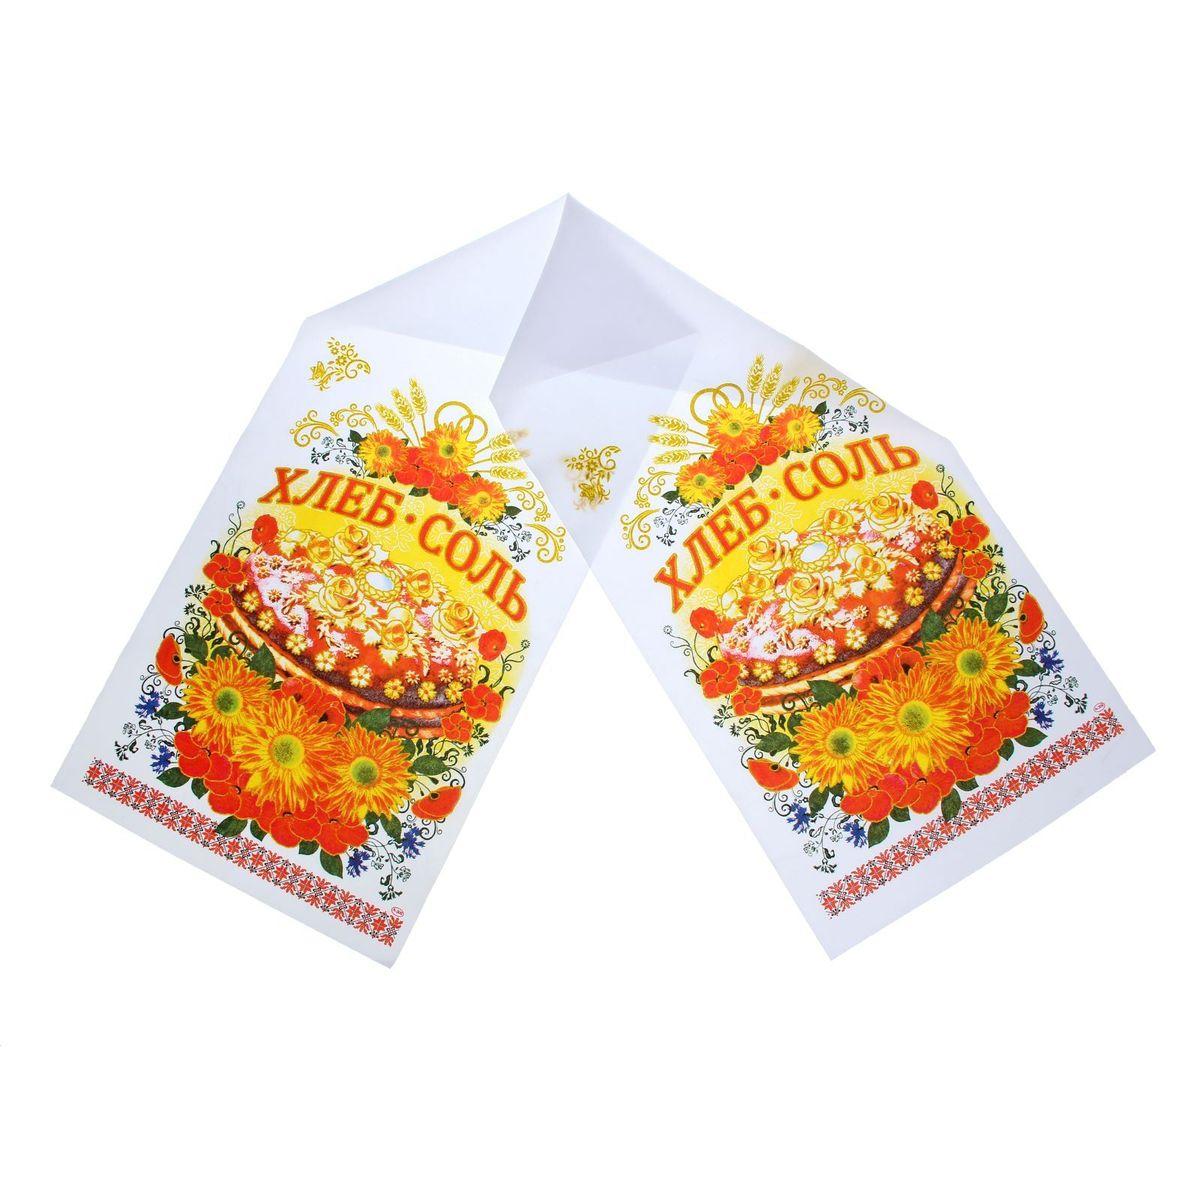 Рушник Sima-land Хлеб-соль, цвет: мульти, 150 х 36 см. 11347611116951Рушник  Хлеб-соль, 150 х 36 см предназначен для встречи родителями молодожёнов хлебом и солью и символизирует нерушимую связь двух любящих сердец.Этот традиционный сувенир оберегает от порчи и сглаза, приносит в дом мир и покой.Рушник изготовлен из ткани и украшен ярким орнаментом.Символические узоры, используемые для вышивания таких аксессуаров, означают:крест является символом света, солнца, счастья и добра;корона - божье благословение;пара голубей, павлинов, лебедей означает верную любовь и семейное счастье;ласточка - хорошие вести и крепкое хозяйство;дерево жизни - важный символ, обозначающий бесконечность и процветание рода, взаимосвязь поколений, традиции семьи;веночки вышивают незамкнутыми, так как они означают жизненный путь;роза - красота, любовь, процветание; если с бутонами, то пожелание иметь детей;лилия - невинность, женская красота и чистота, обычно изображается с бутонами и листьями, что означает молодую семью, продолжение жизни в детях;мак - сохранение и продолжение рода, защита от зла, благополучие;дуб - мужской символ, обозначающий силу, энергию, жизненную стойкость;калина - дерево бесконечности рода, выносливости и надежды, символ женской верности, здоровья и красоты;виноград - символ плодовитости, трудолюбия, достатка, радости создания семьи.